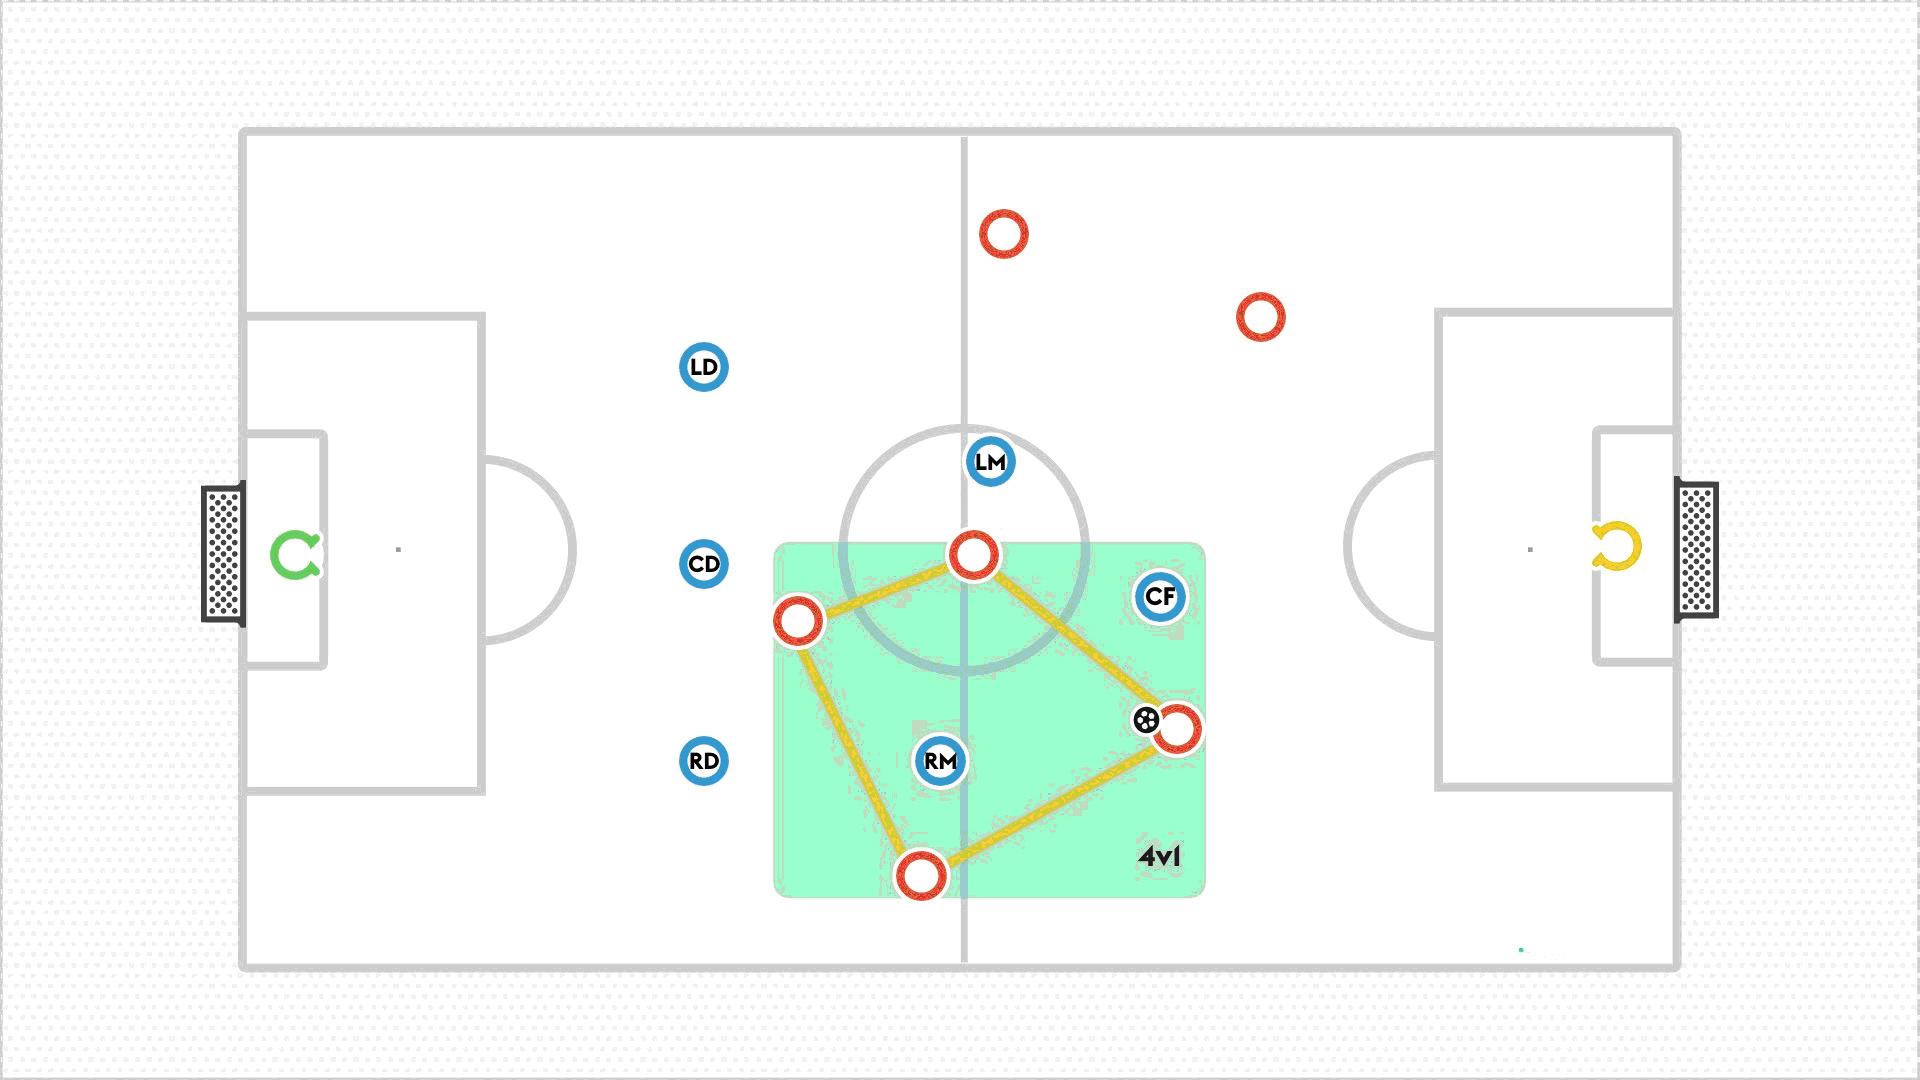 七人制1-3-2-1阵型在防守时的优点和缺点